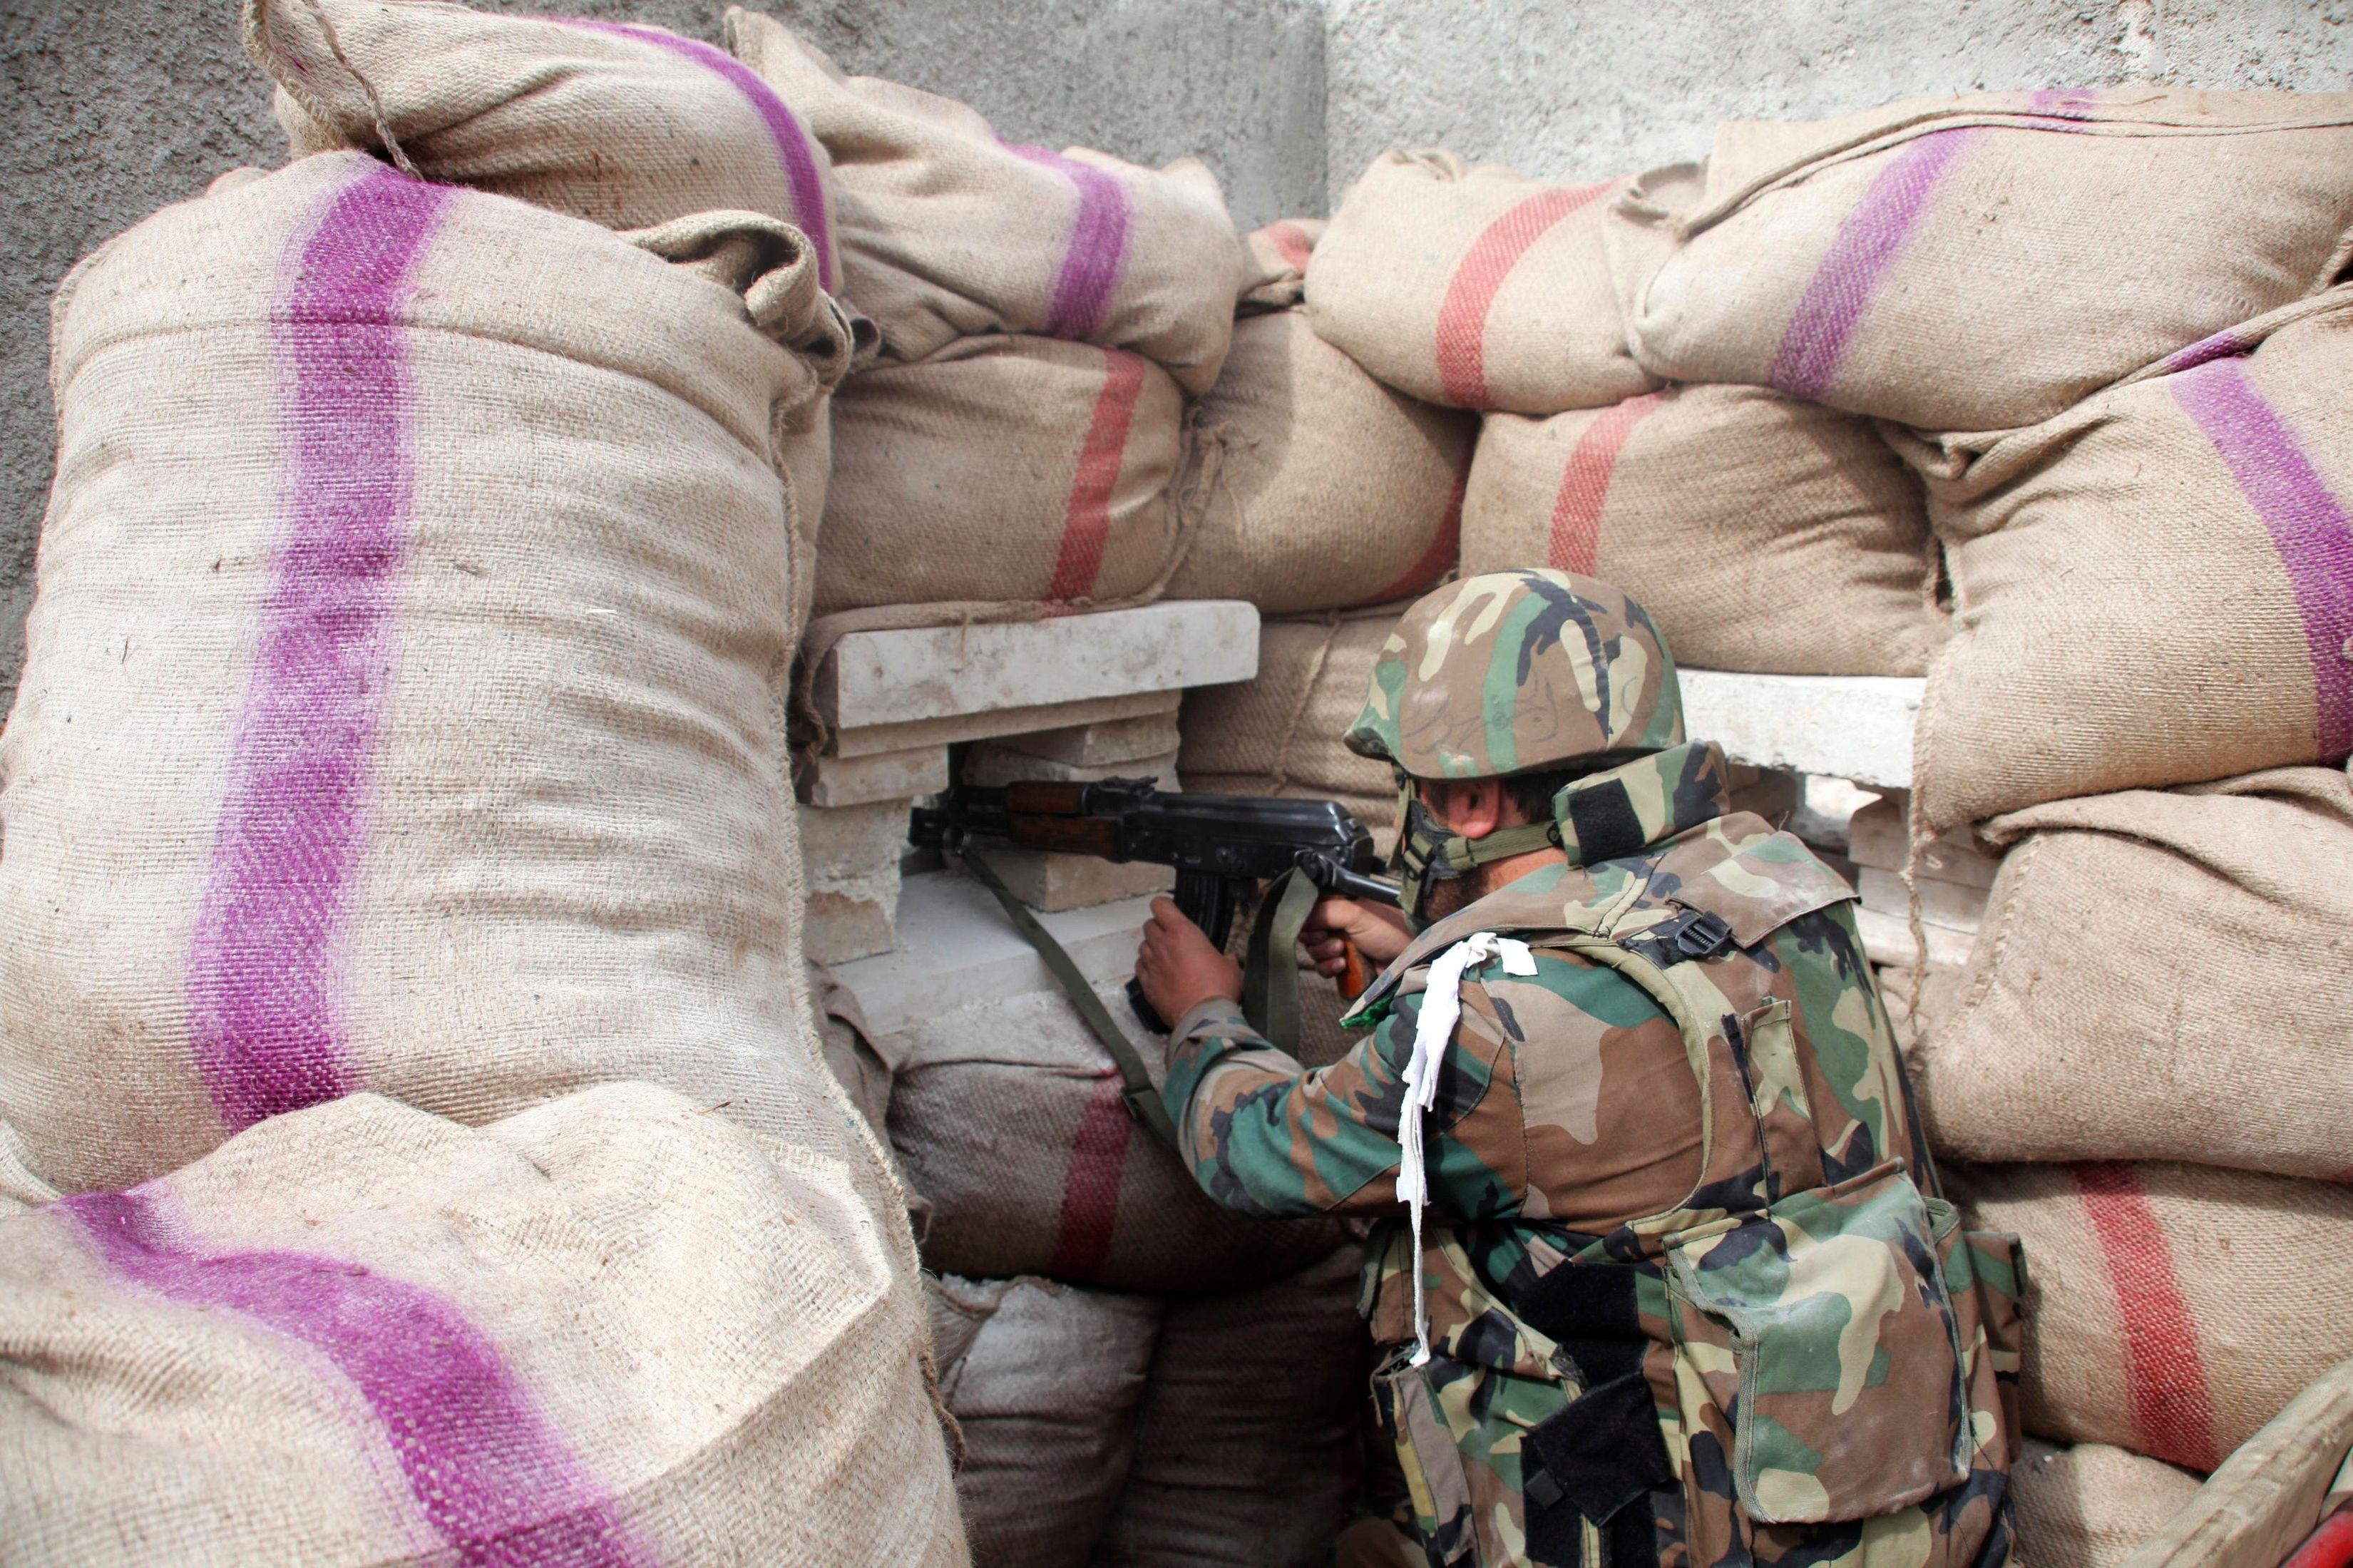 Ce qui est nouveau avec le conflit syrien est le recrutement de masse auquel nous assistons, qui est porteur de multiples risques.